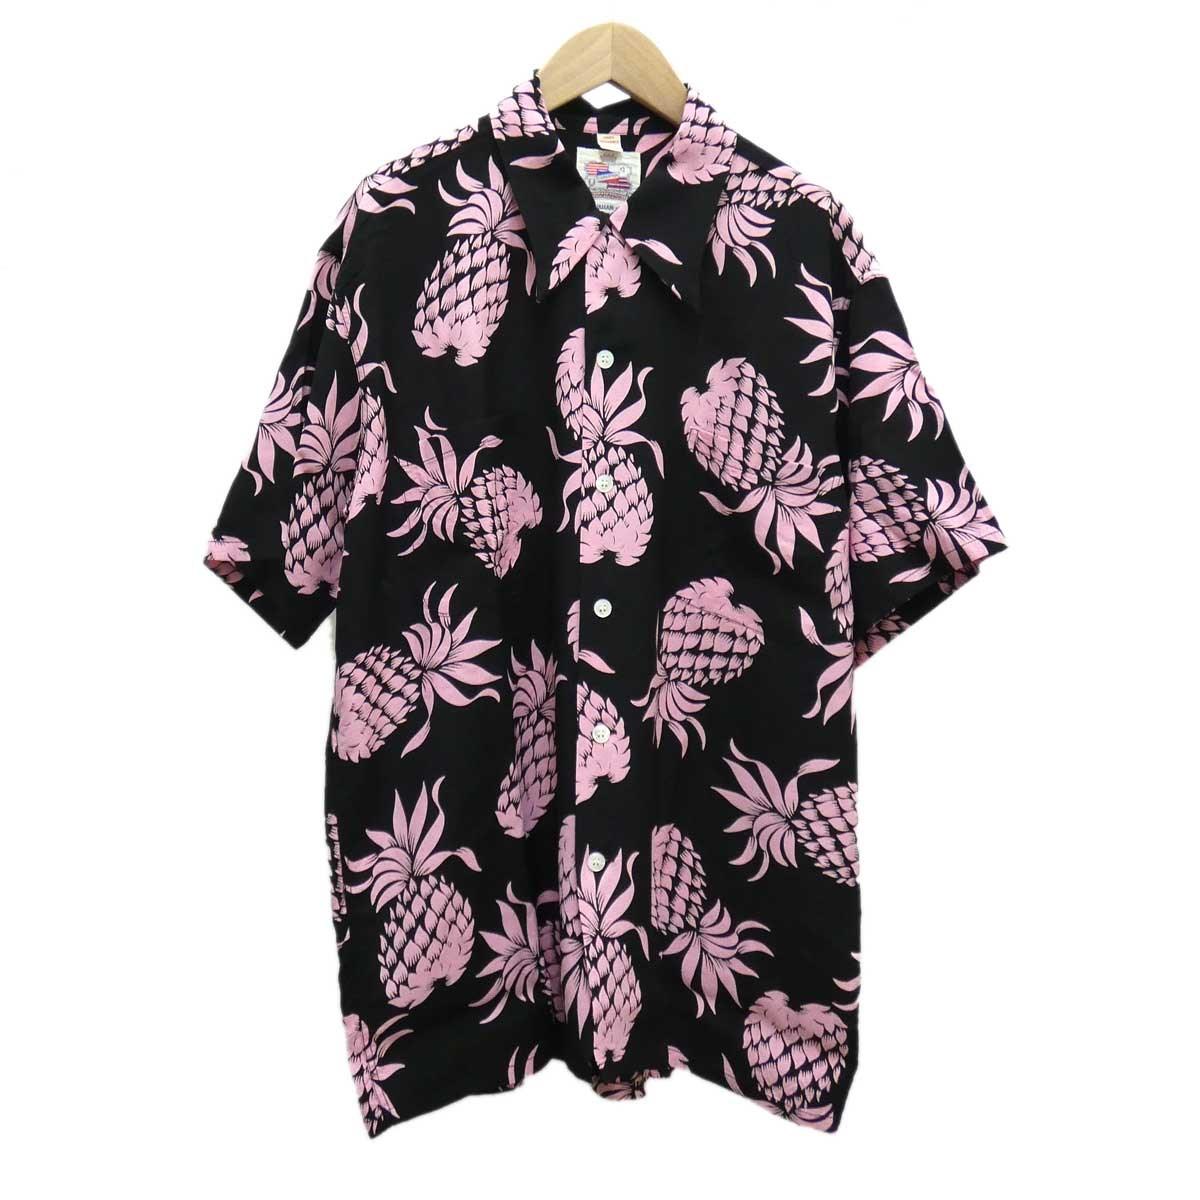 【中古】Duke Kahanamoku パイナップルプリントアロハシャツ ブラック×ピンク サイズ:L 【170420】(デューク・カハナモク)